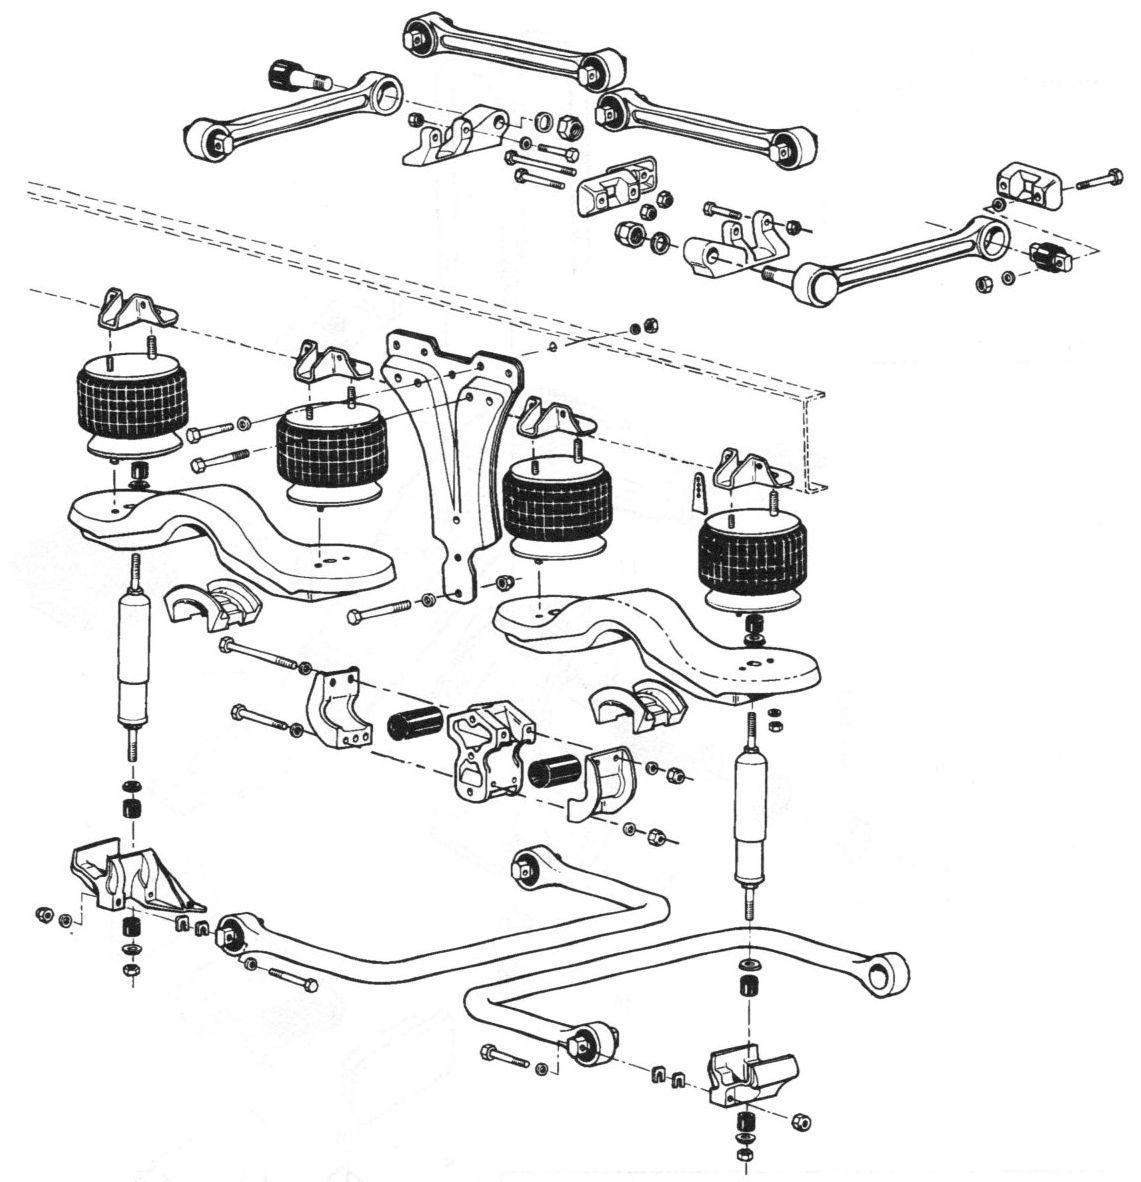 Kenworth Airglide 100 Suspension Parts